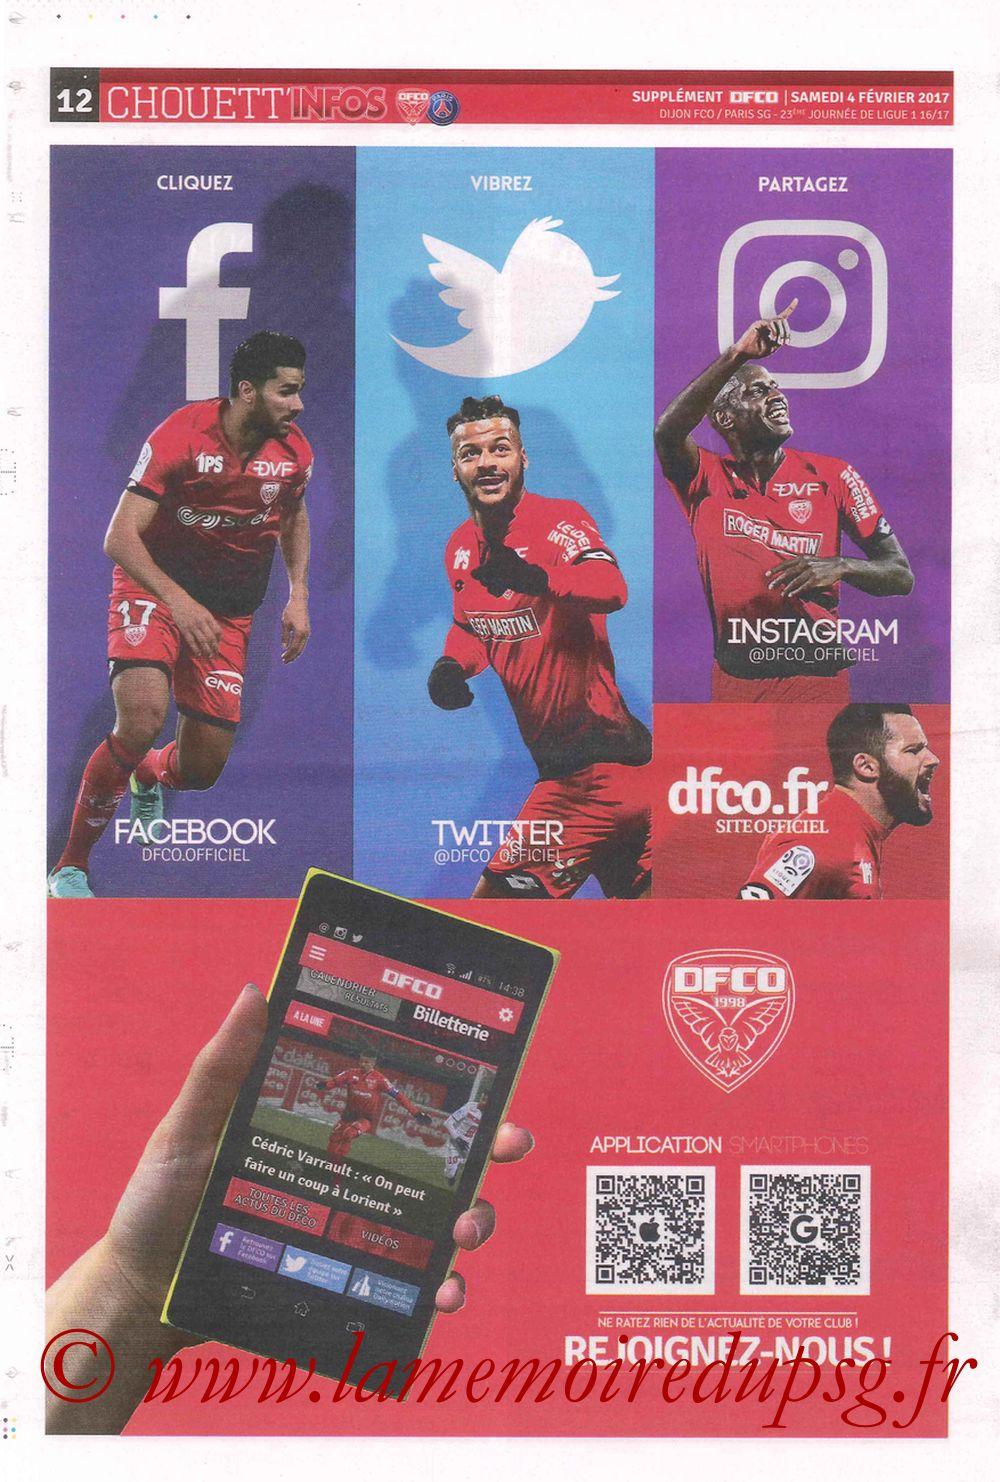 2017-02-04  Dijon-PSG (23ème L1, Chouett' Info N°12) - Page 12